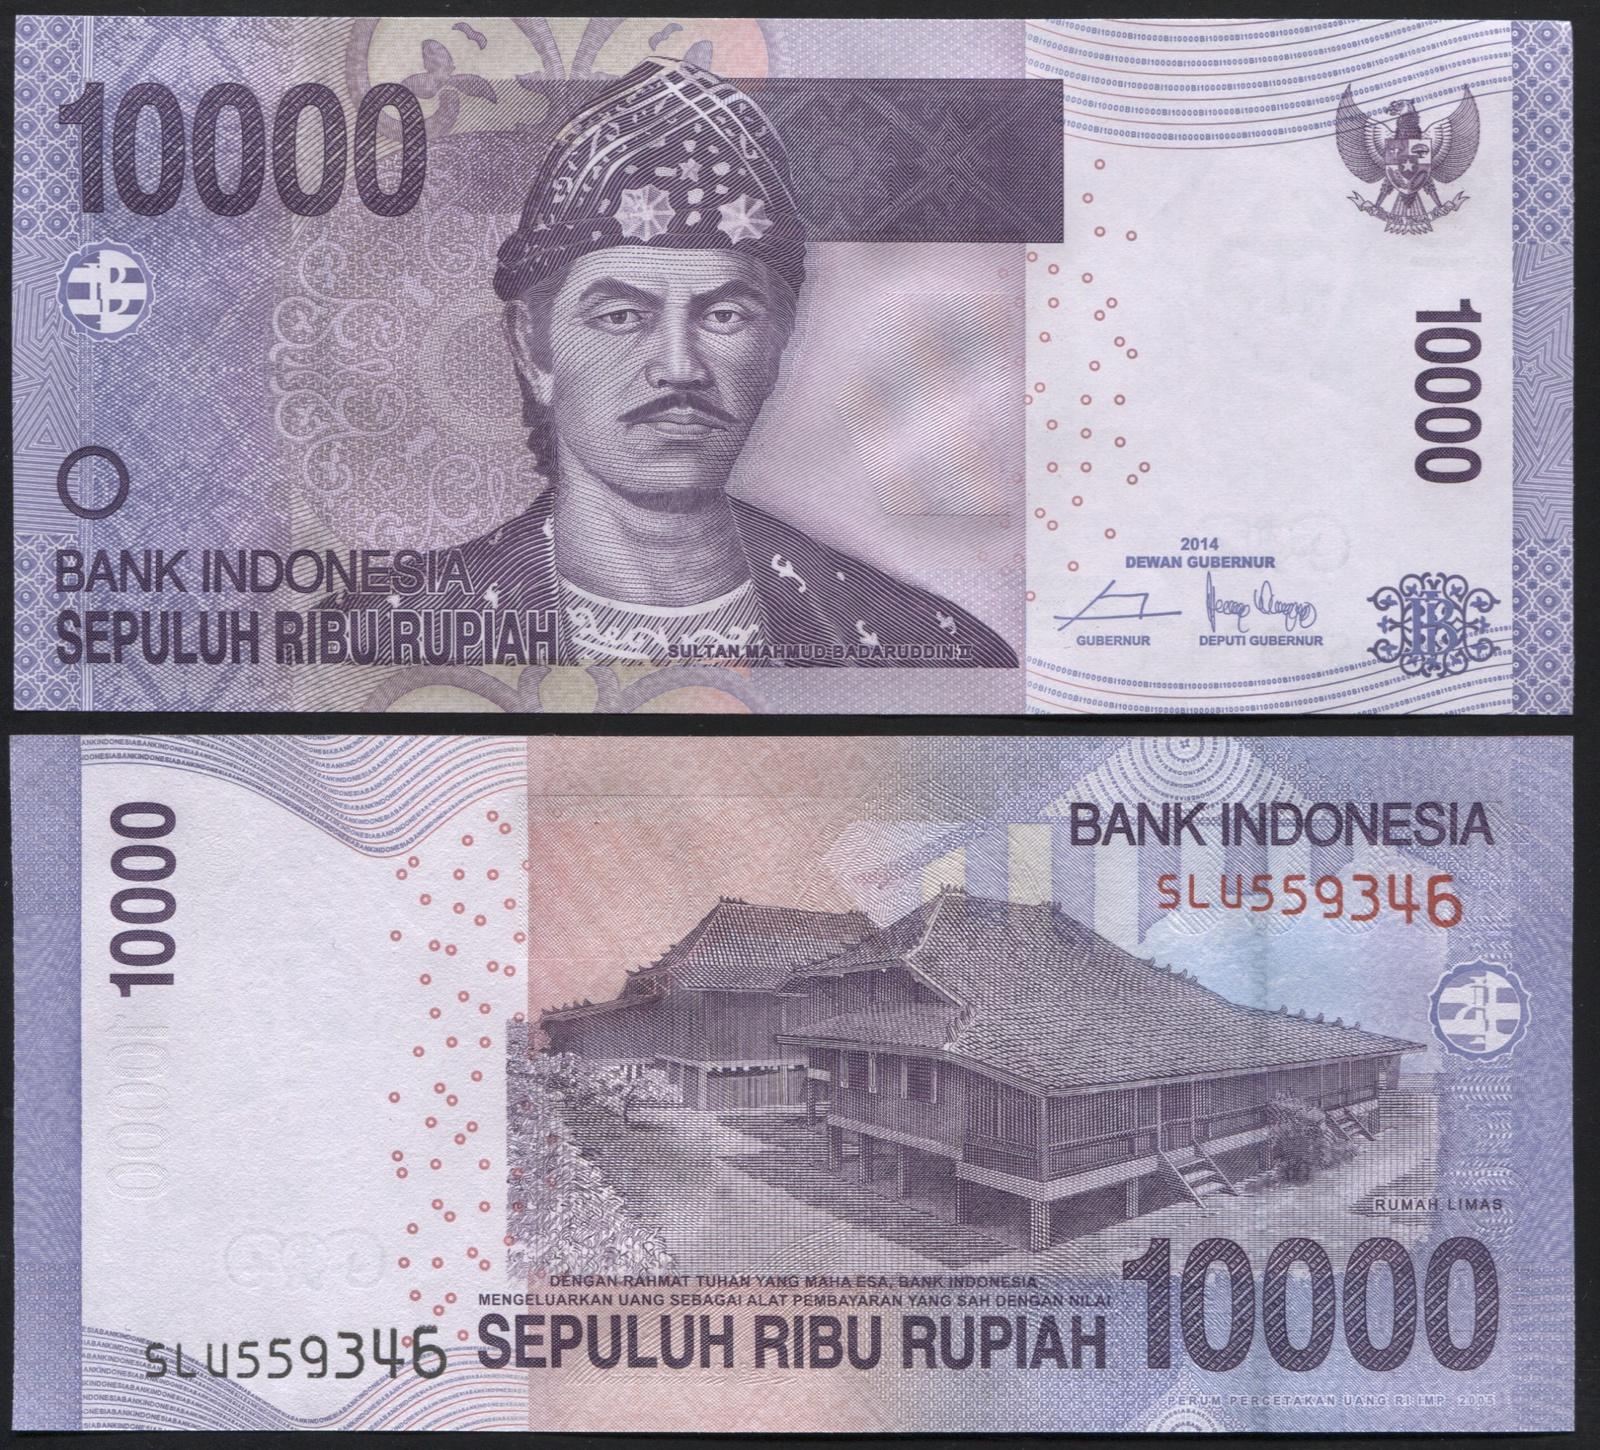 Банкнота. Индонезия 10000 рупий. 2005 / 2014 UNC. Кат.P.150f